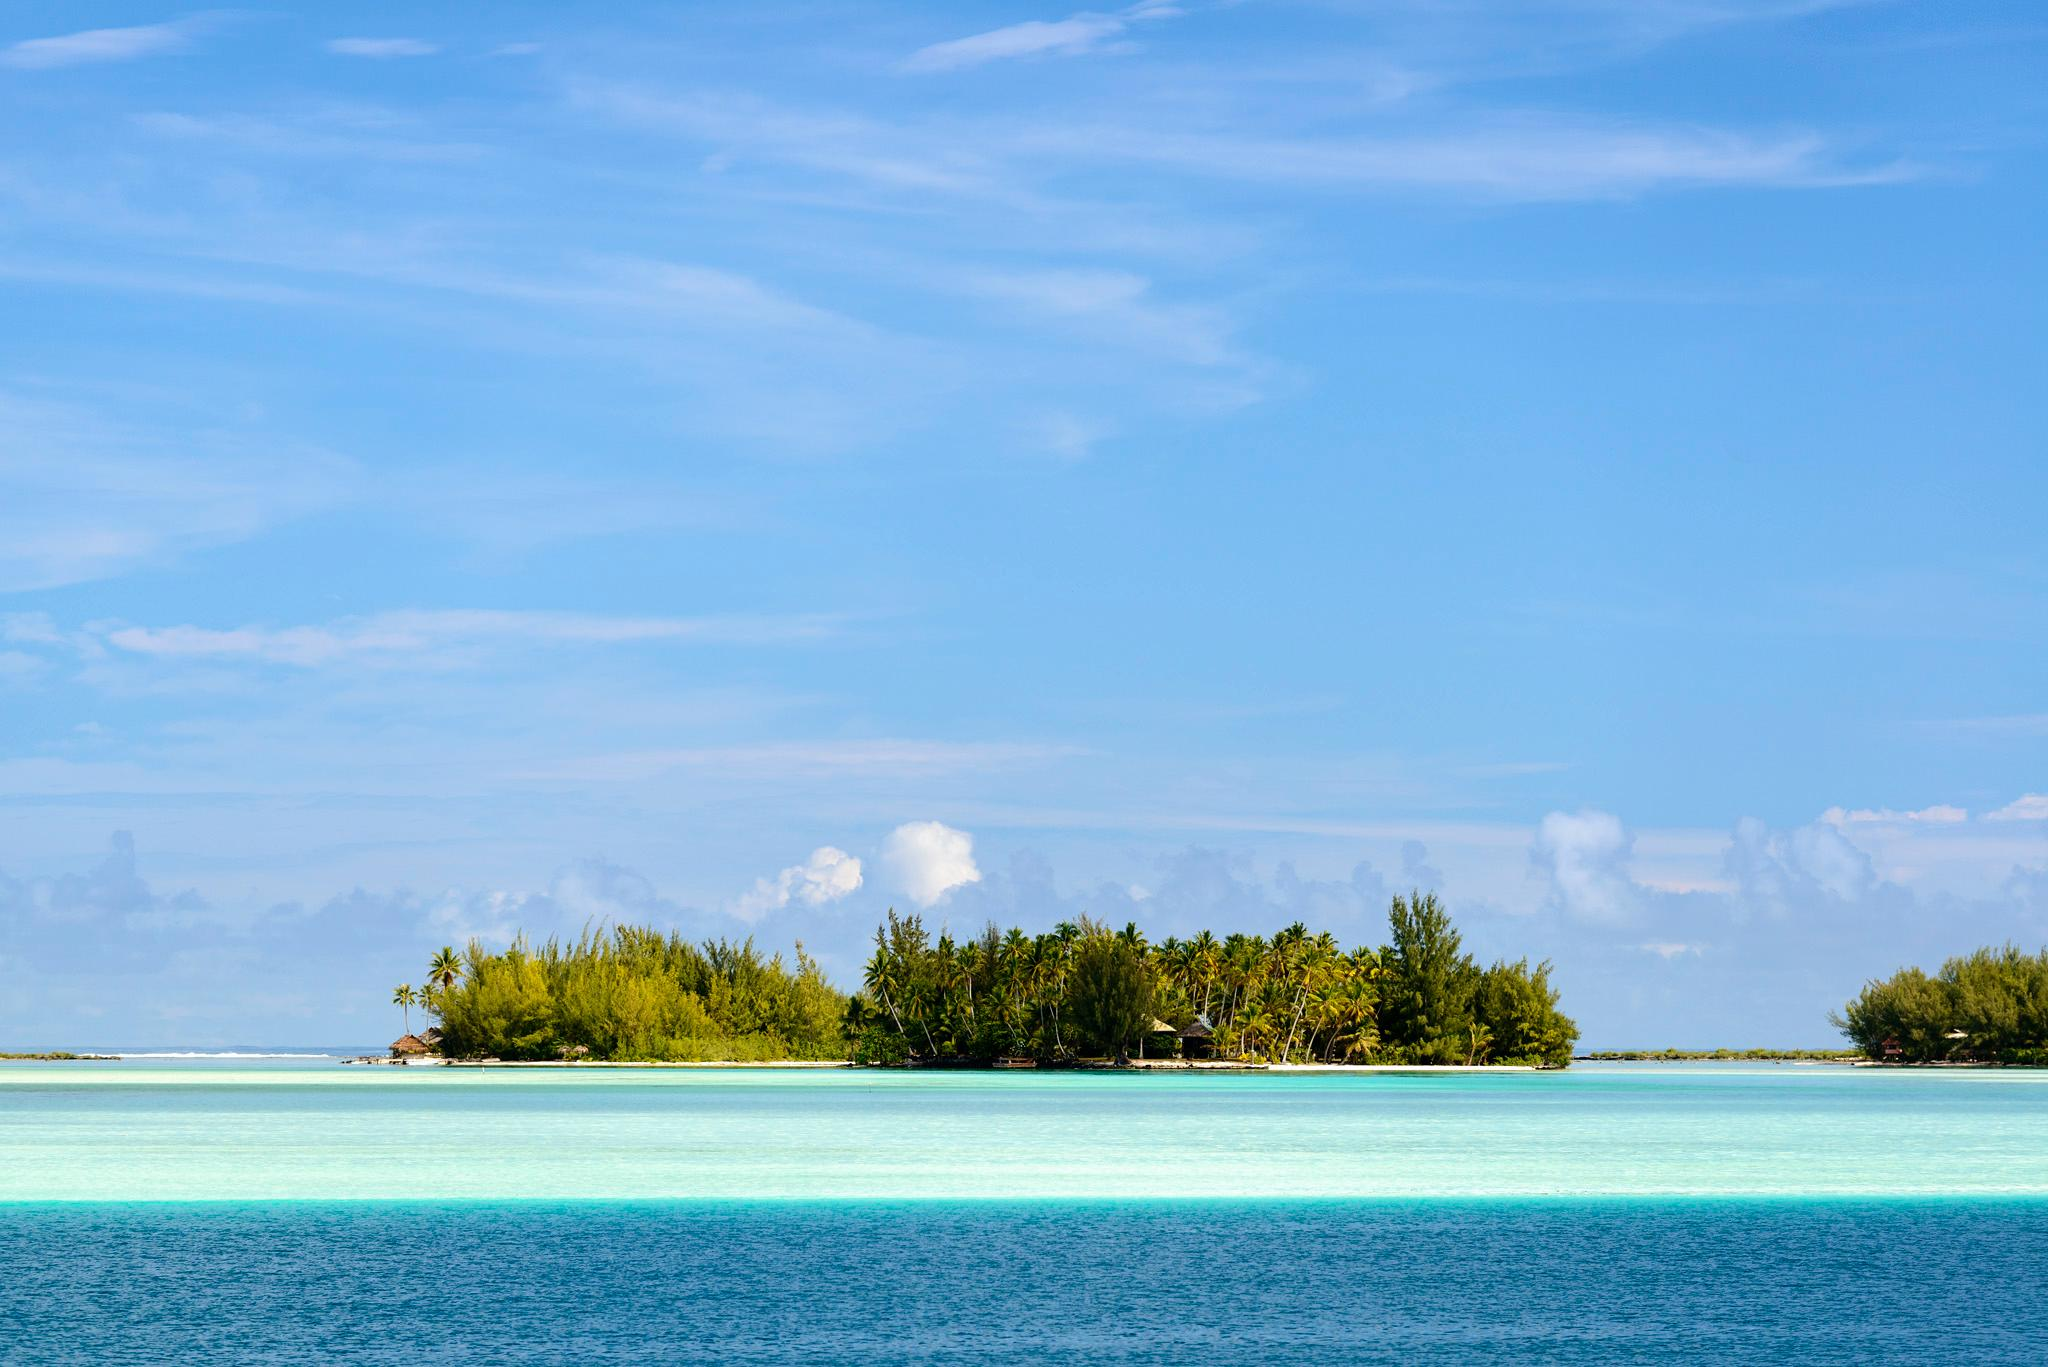 جزيرة بورا بورا